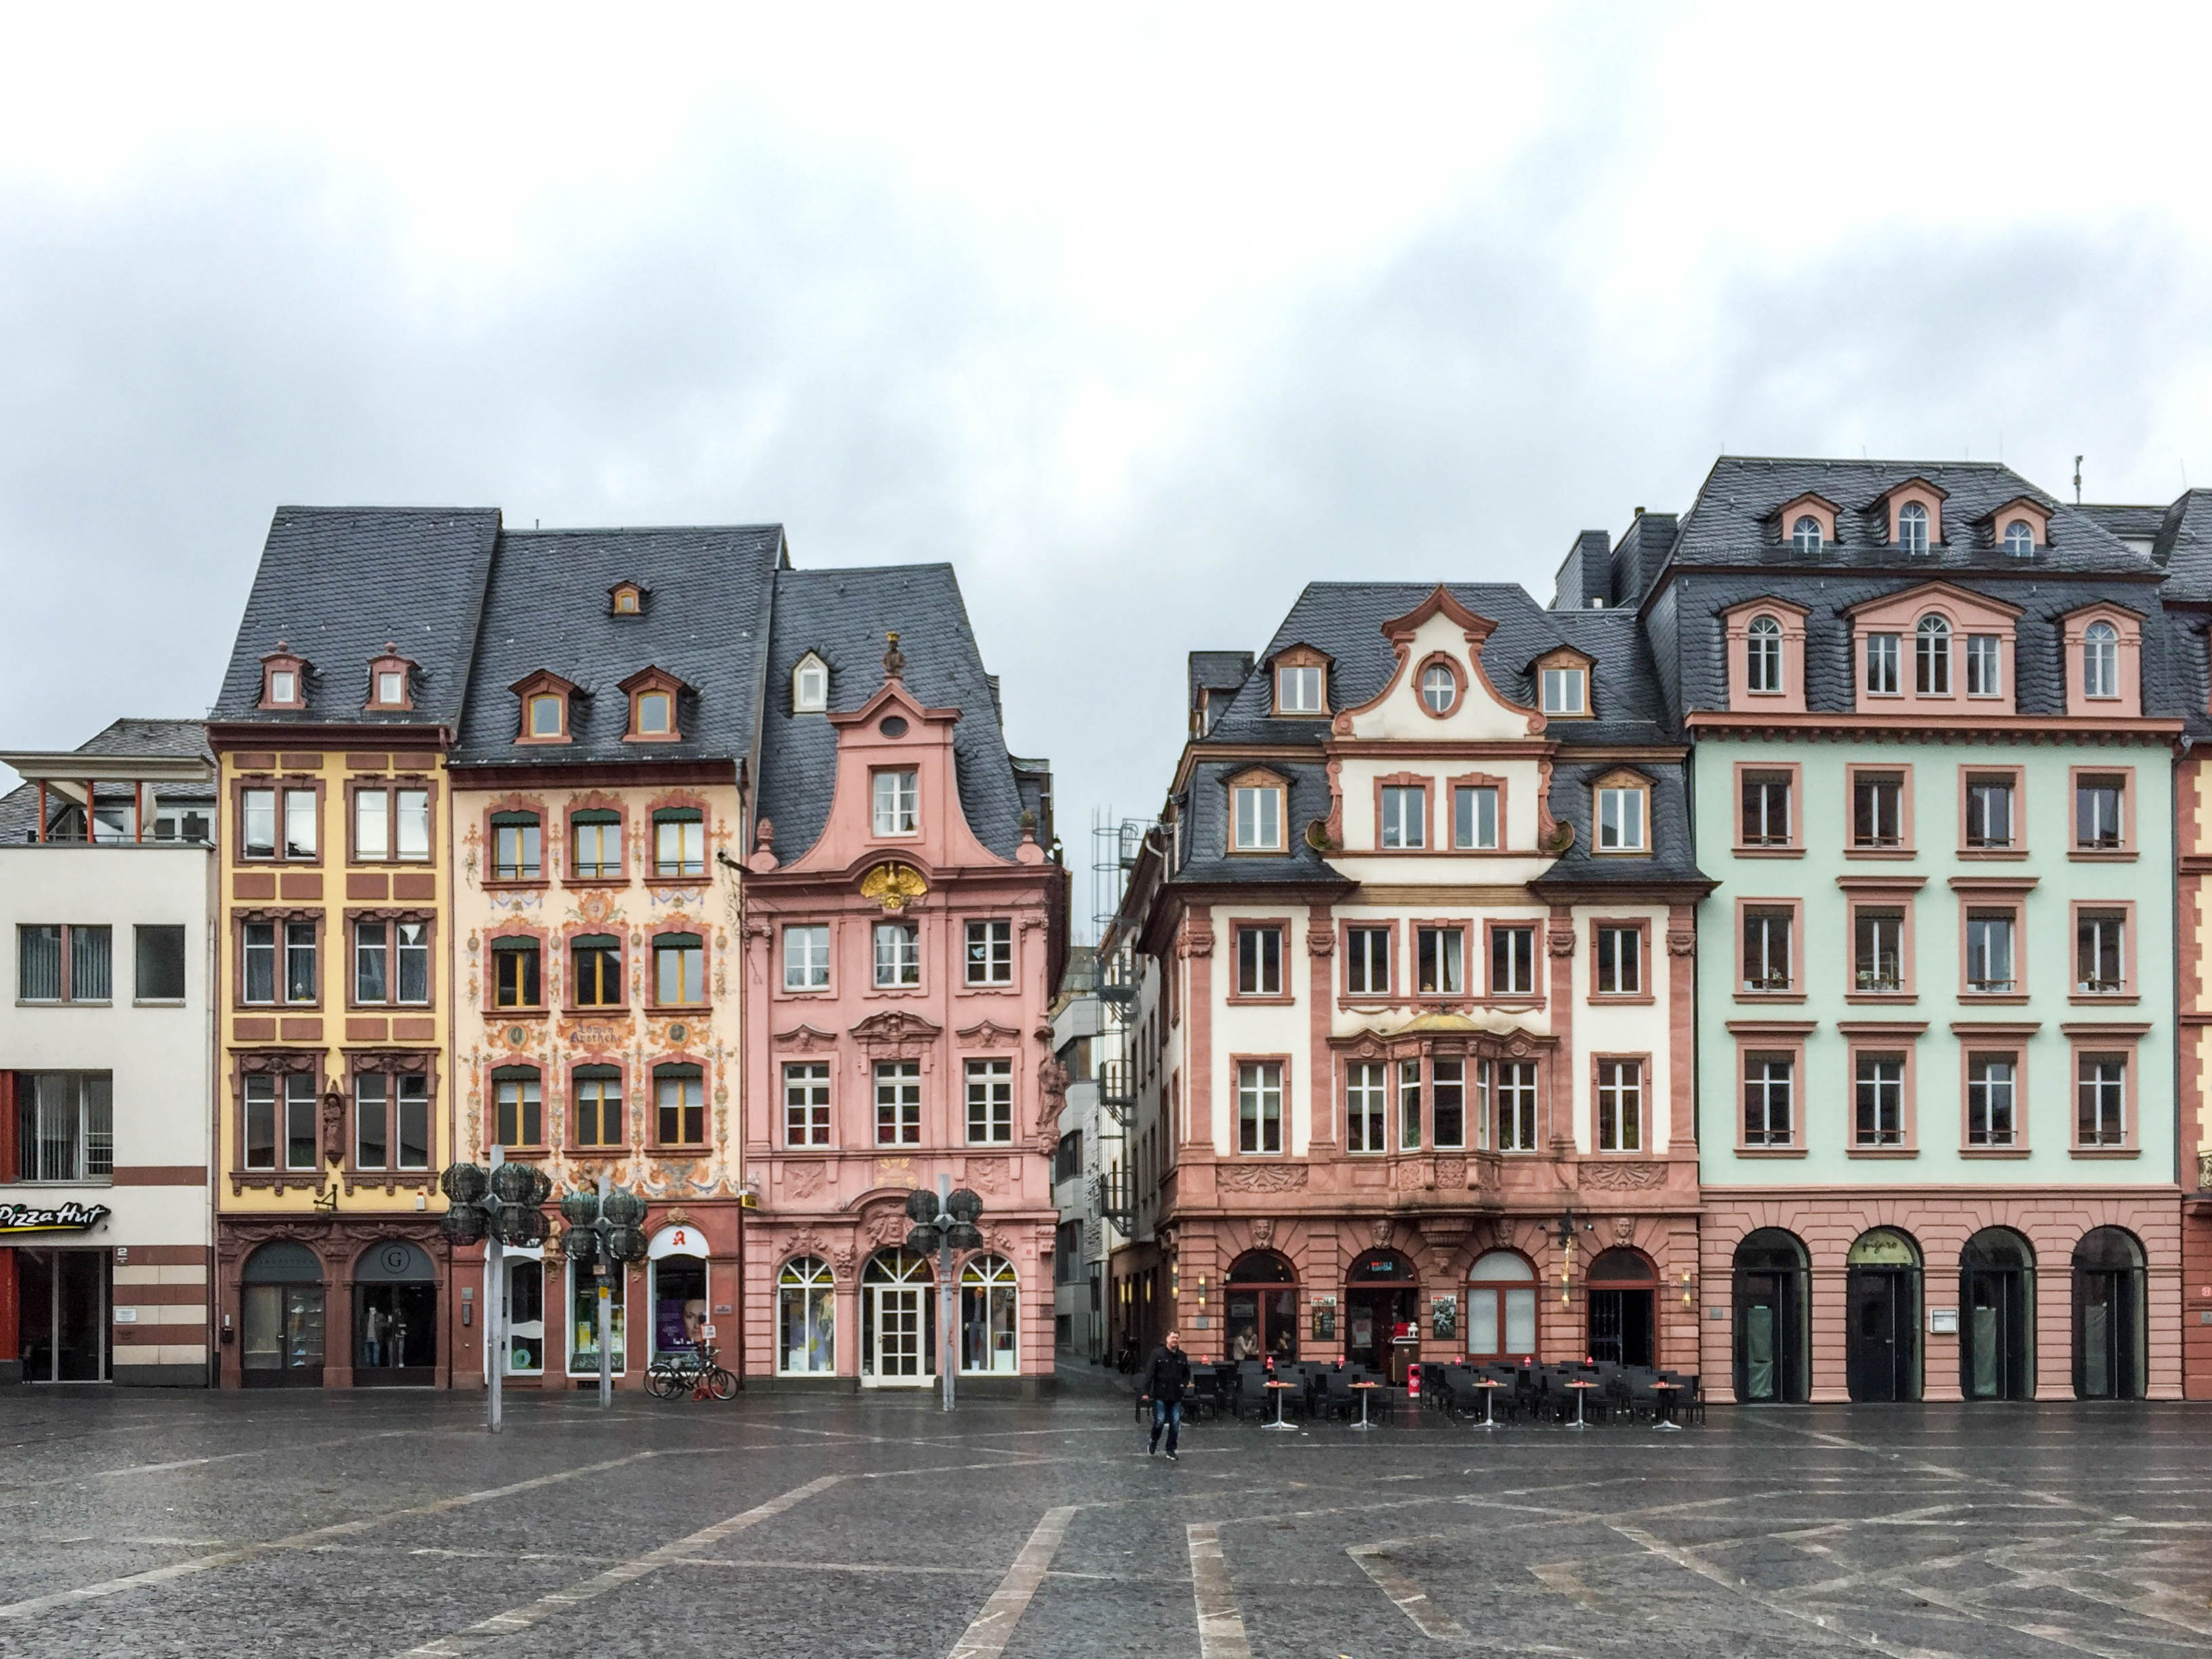 Markplatz Mainz Magonza